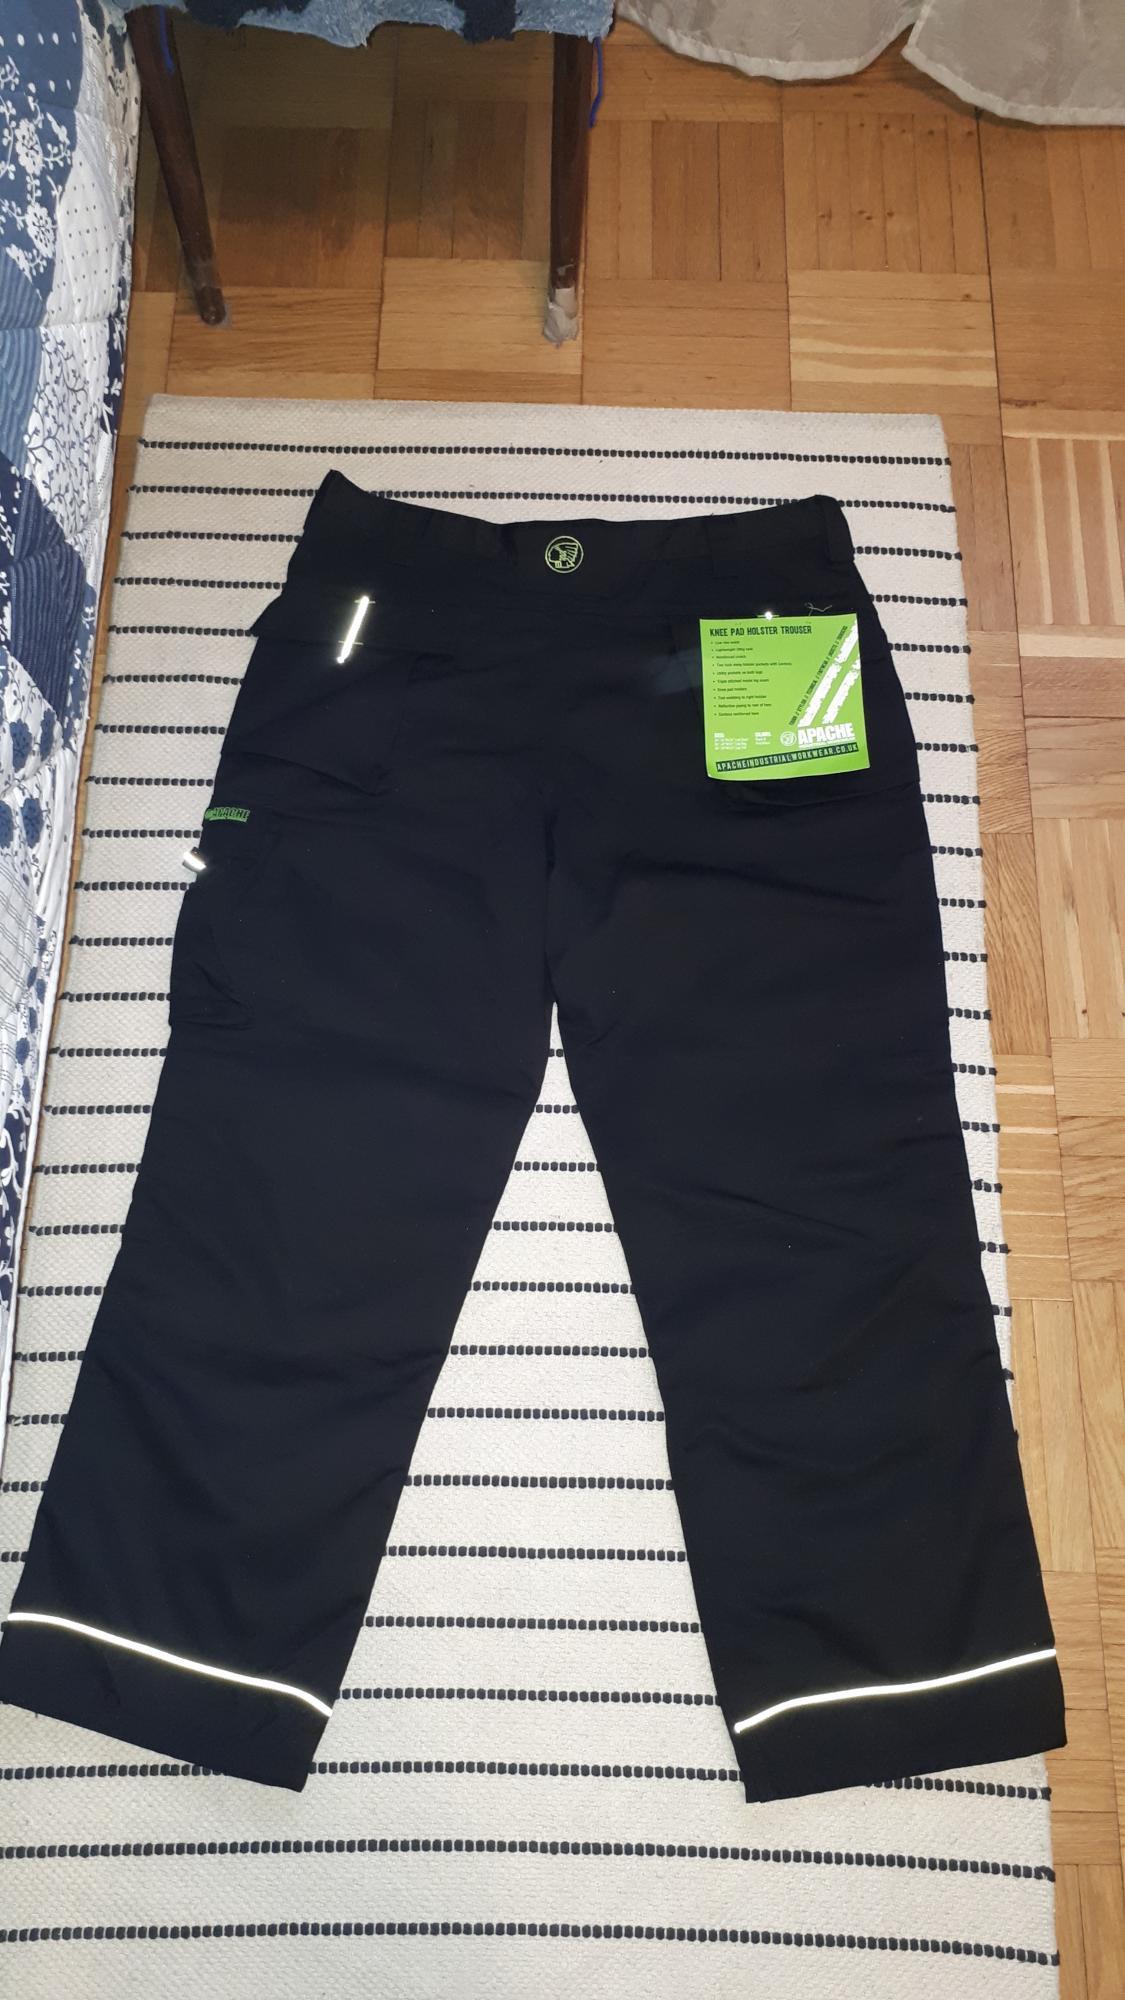 Профессиональные штаны мастера в Москве 89031673004 купить 2